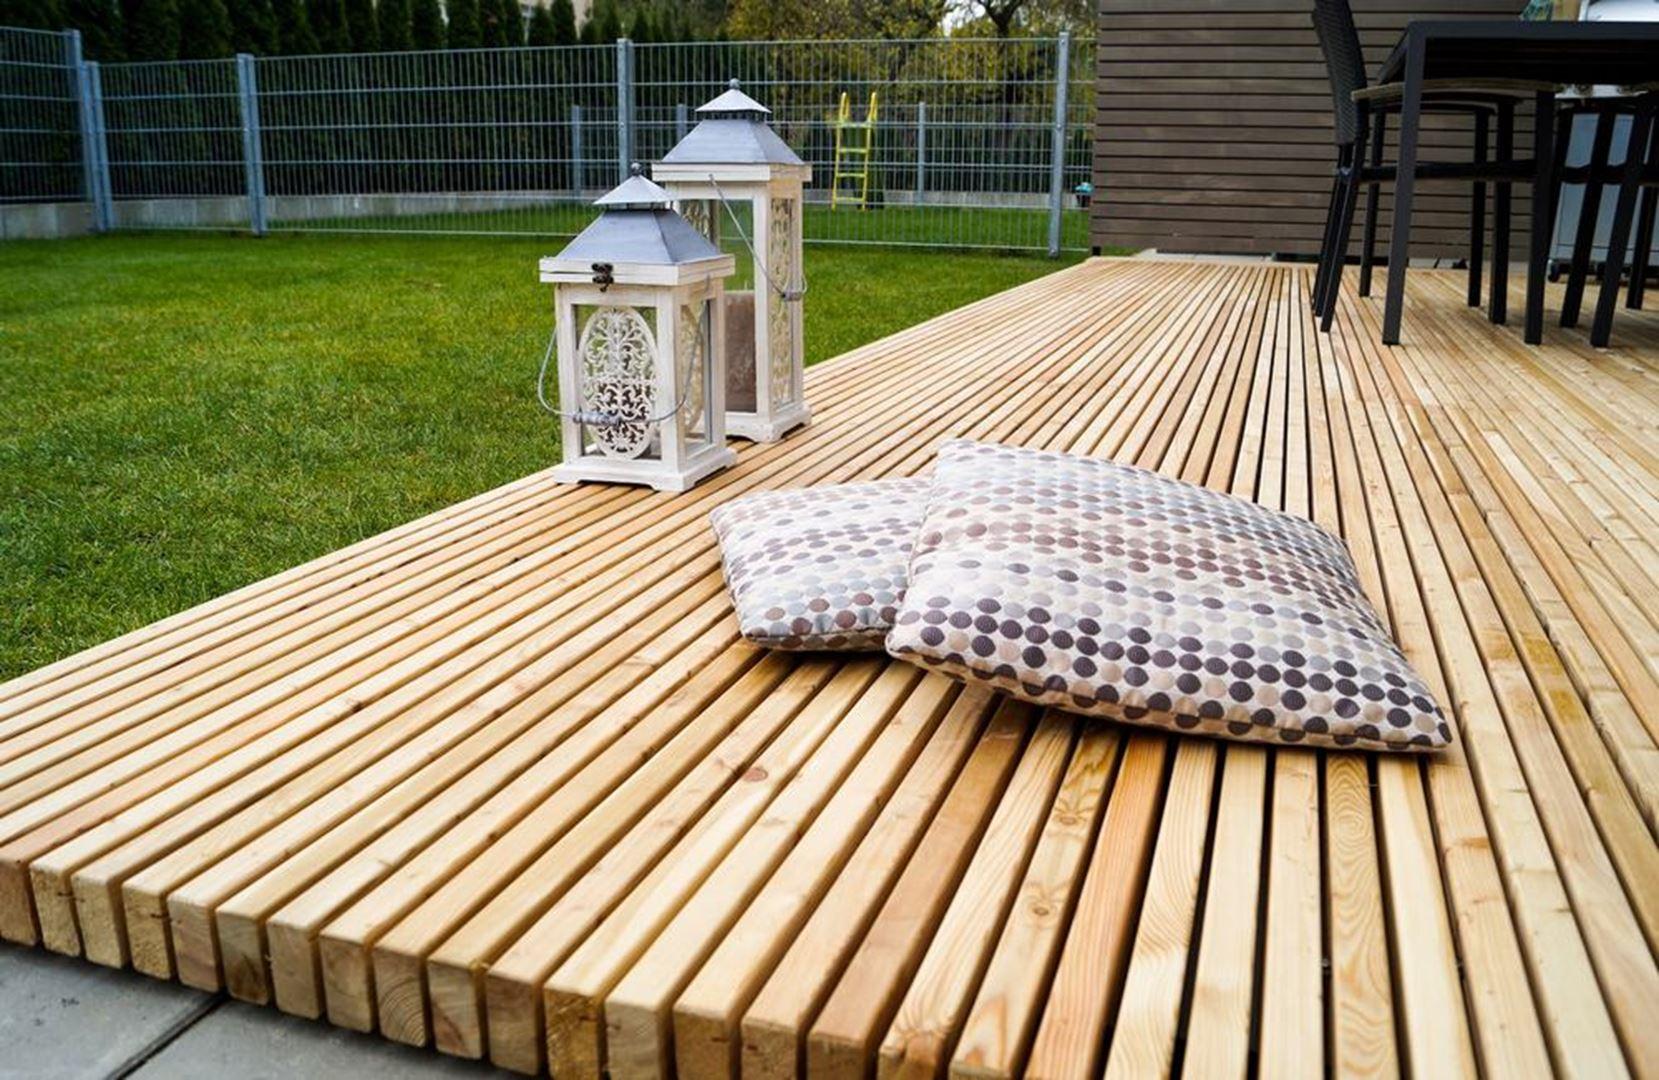 Beulen hout voor buiten terrassen - Buiten terrassen ...